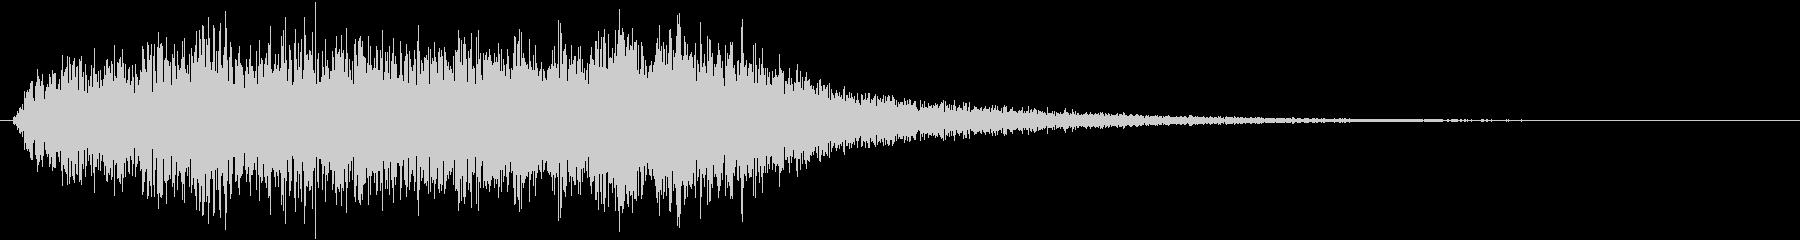 音楽効果;大きなパワーアップシンセ...の未再生の波形